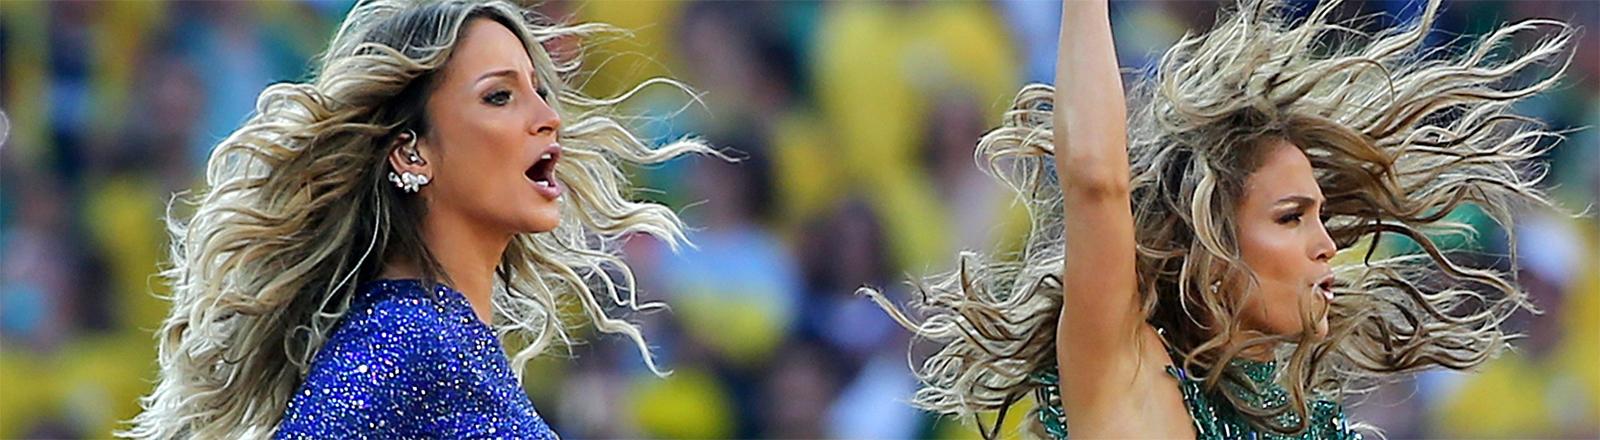 Jennifer Lopez und Claudia Leitte performen während der WM-Eröffnung 2014